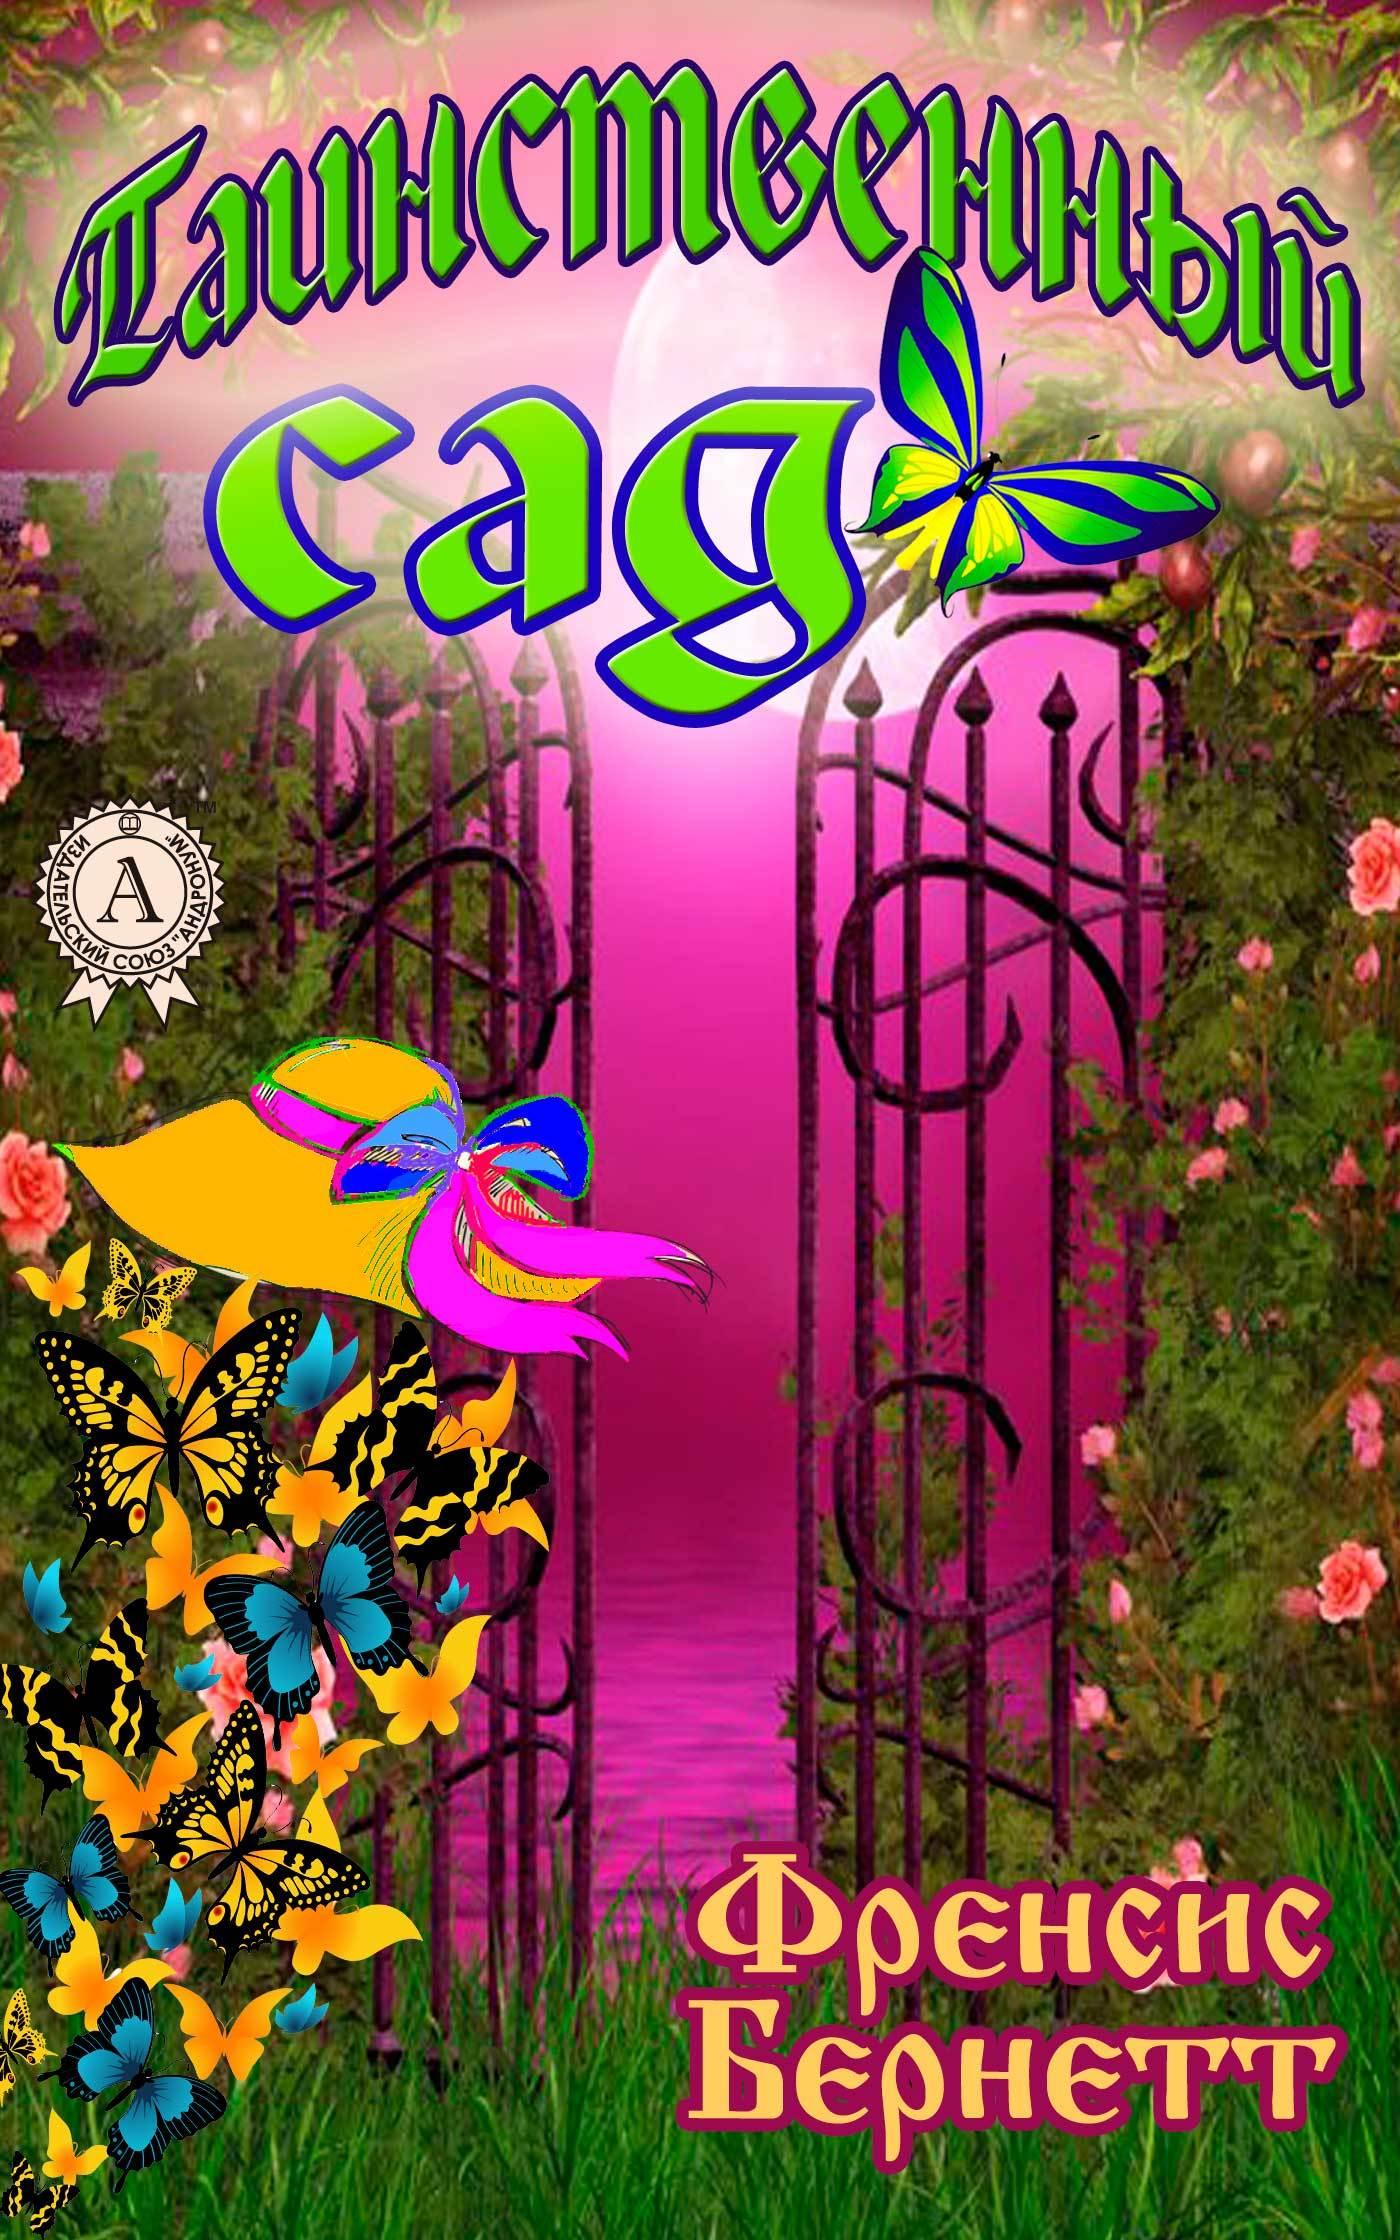 Фрэнсис Элиза Бёрнетт Таинственный сад фрэнсис элиза бёрнетт таинственный сад